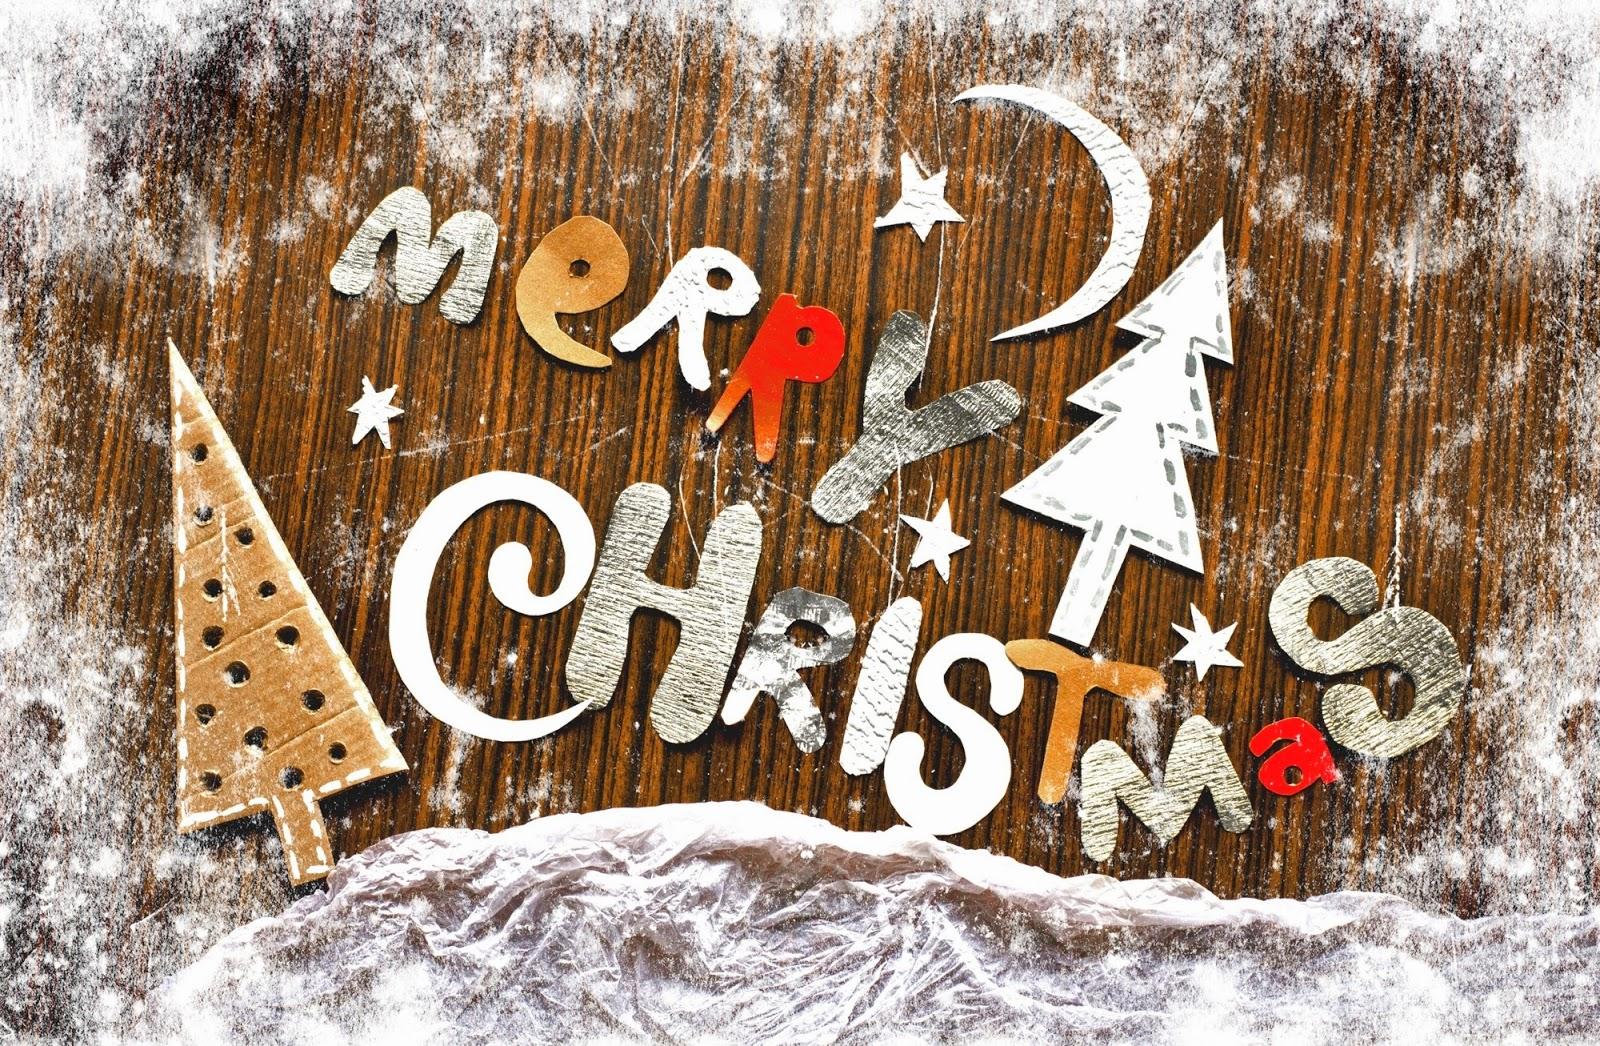 World S Best Christmas Quotes: Árvores, Bonecos De Neve E Cartões De Feliz Natal